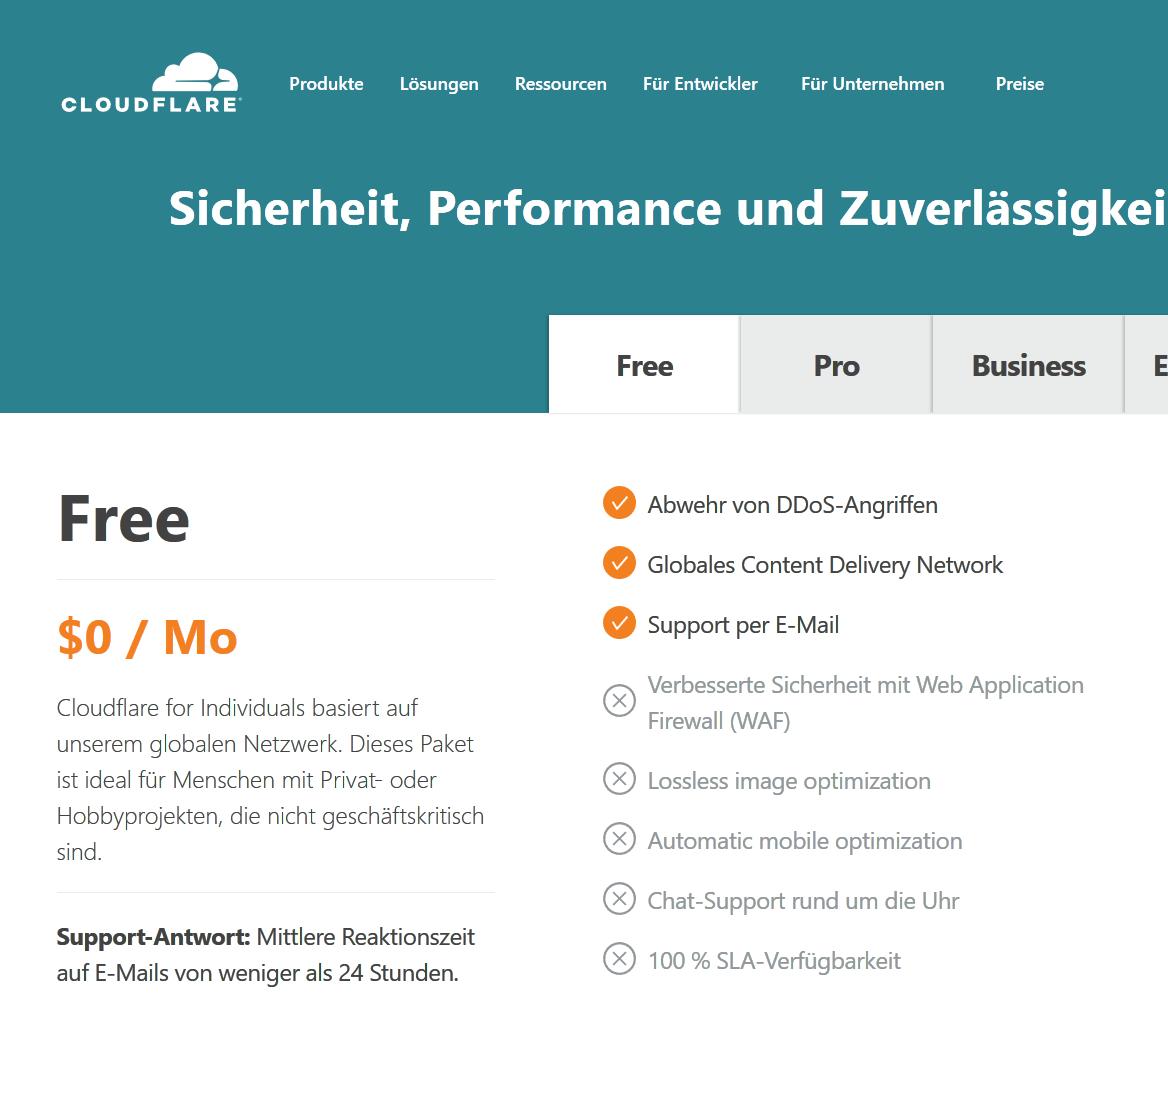 05 Cloudflare DDoS Schutz - Hacking Series für mehr WordPress Security Steffen Lippke